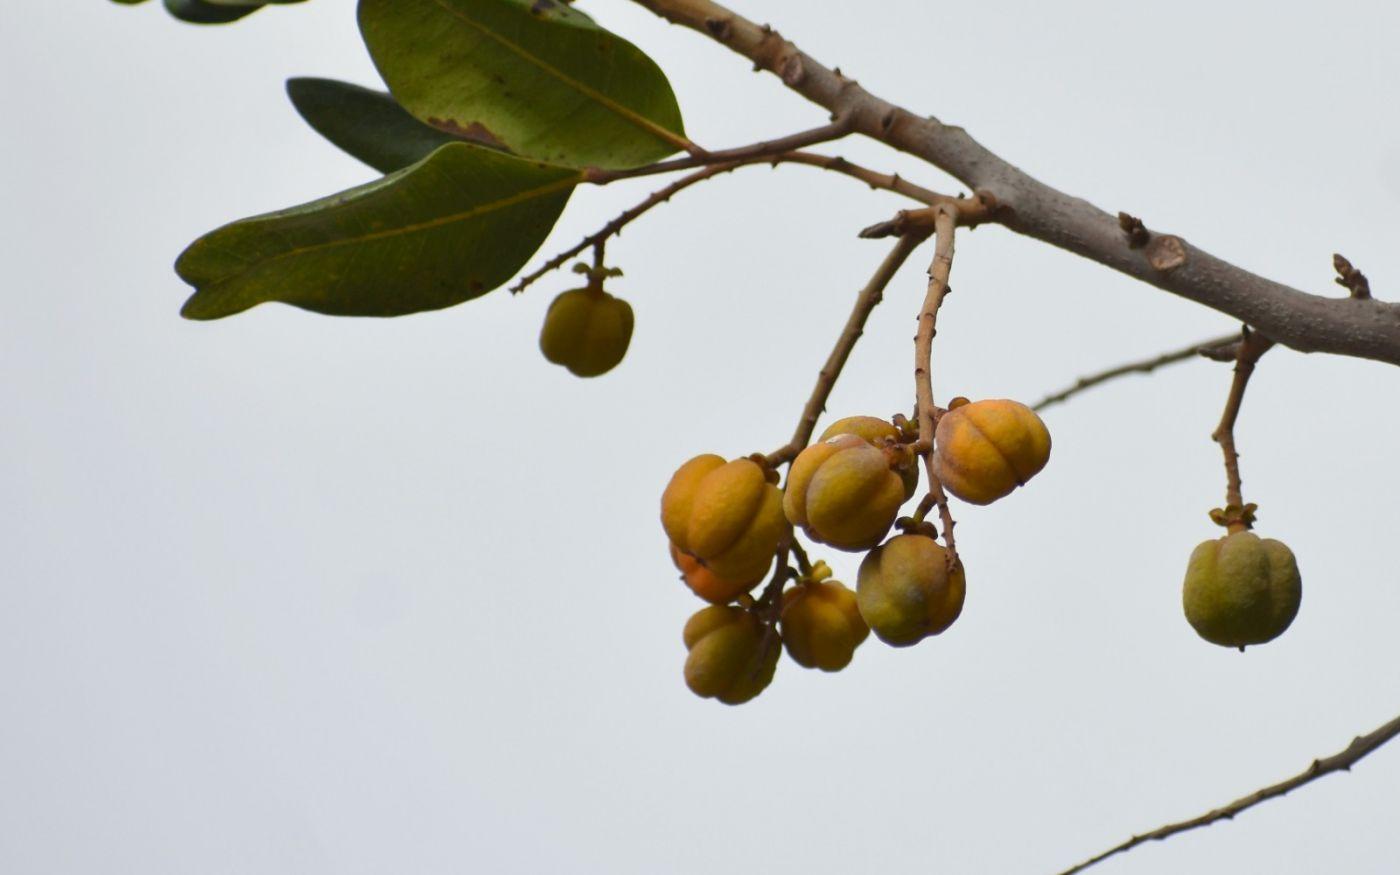 胡萝卜树的果实_图1-5